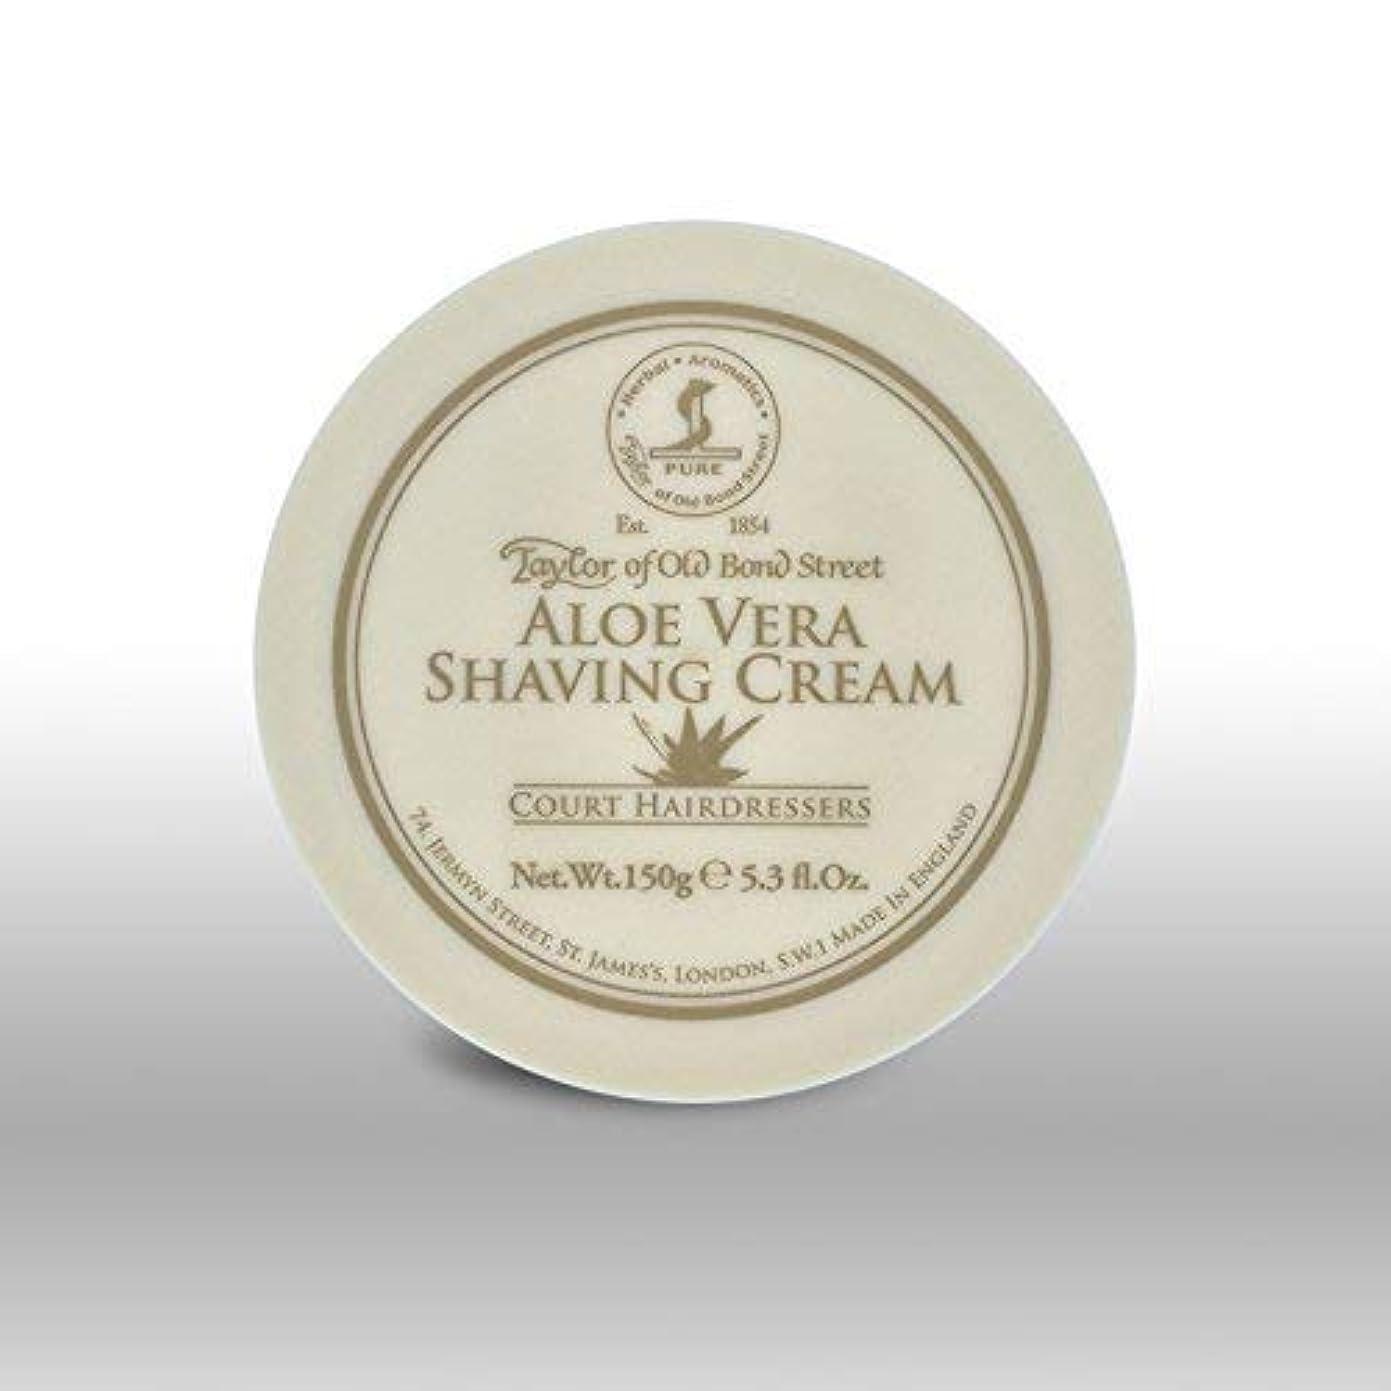 ディレクター篭パラダイスTaylor Of Old Bond Street Shaving Cream Pot 150g -Aloe Vera [並行輸入品]